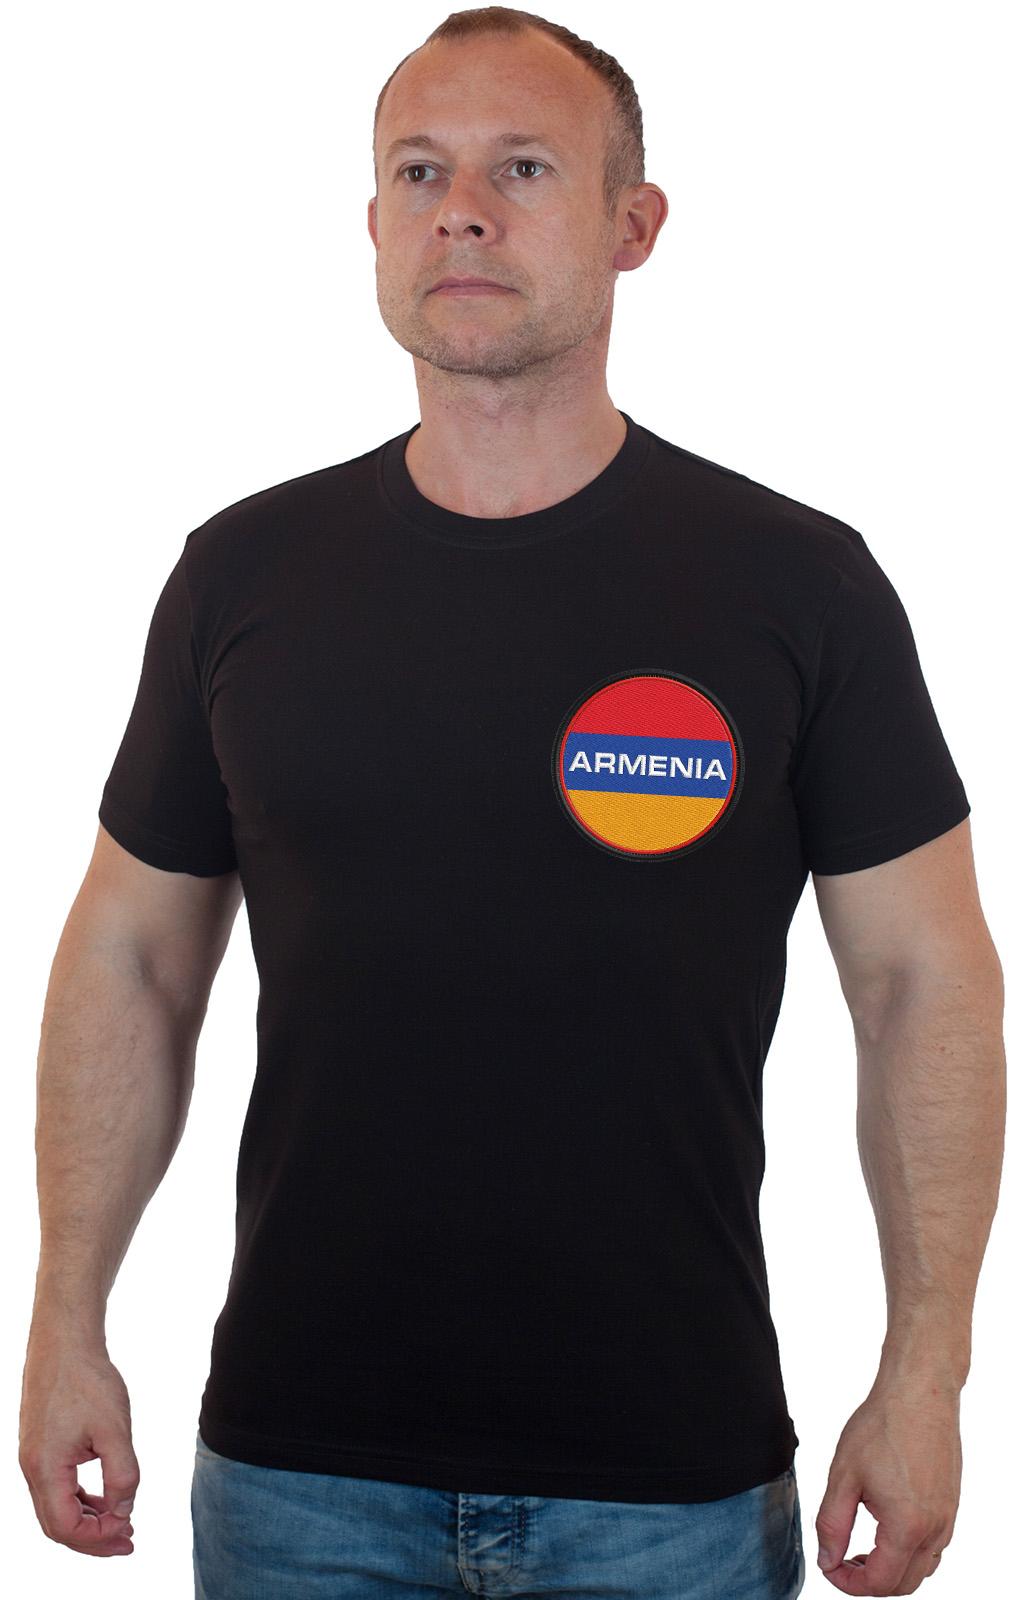 Хлопковая футболка с флагом Армении